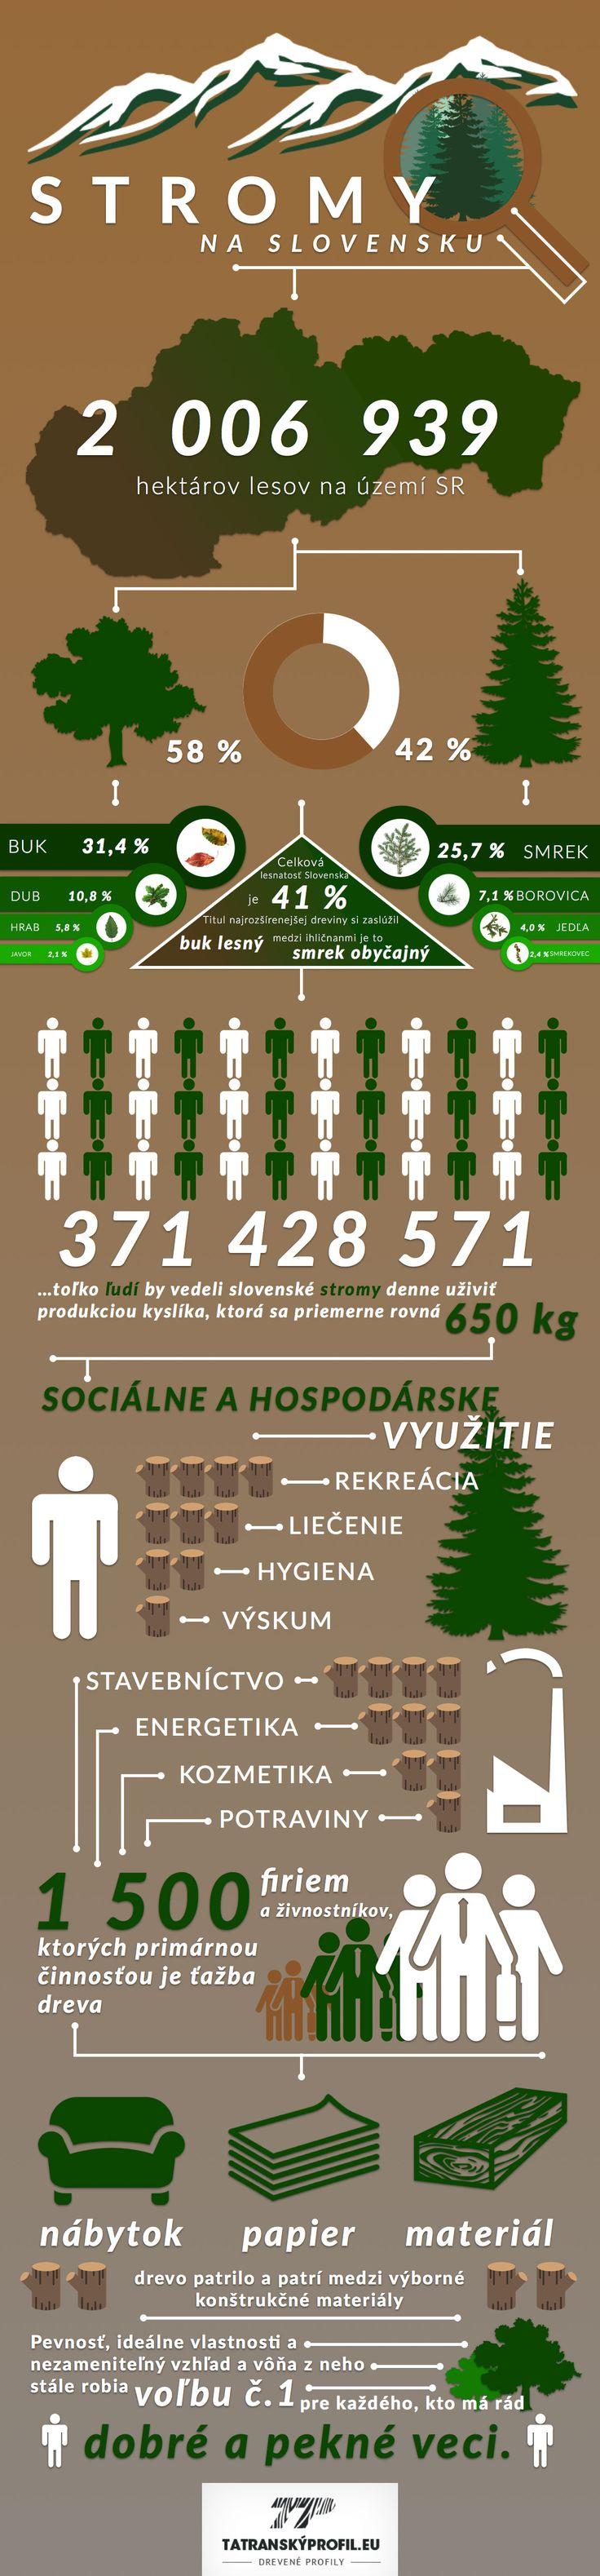 Jak je to se stromy na Slovensku?